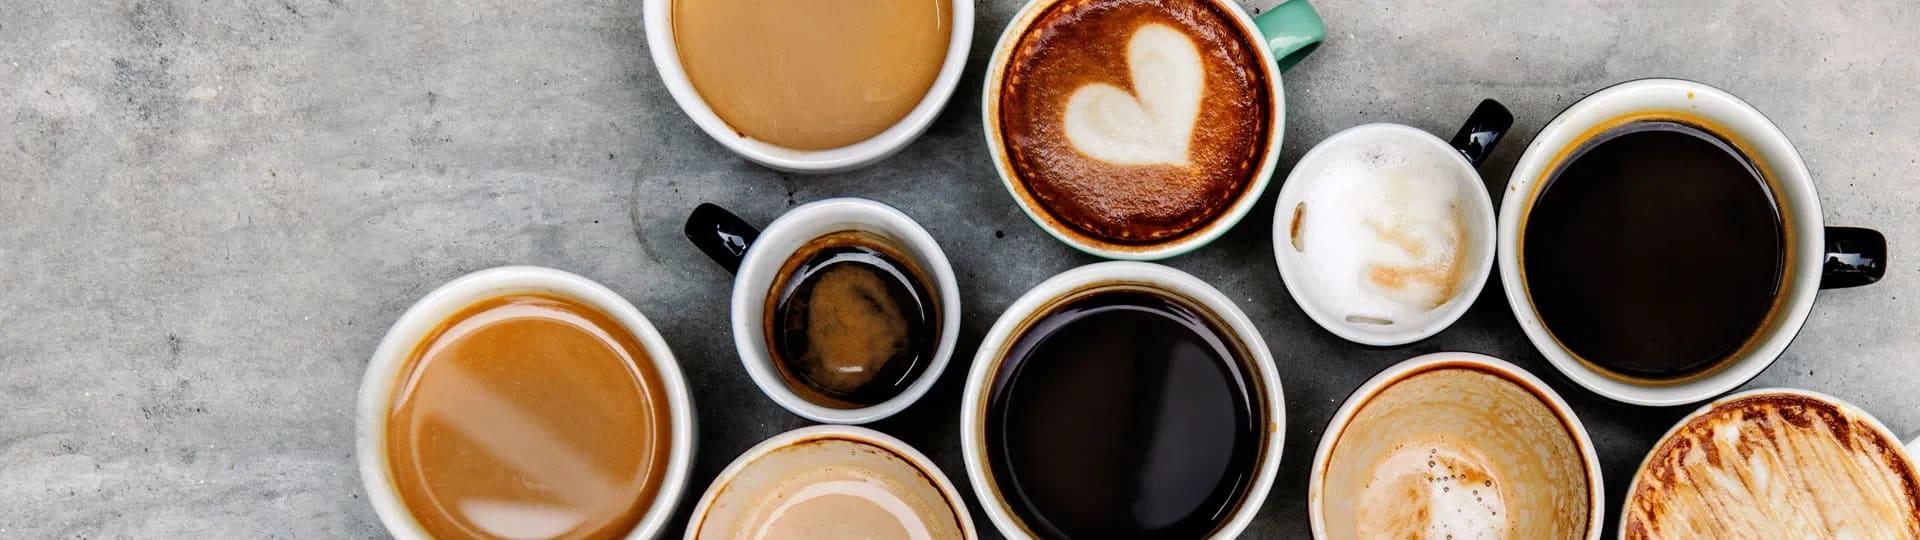 kaffe ph värde